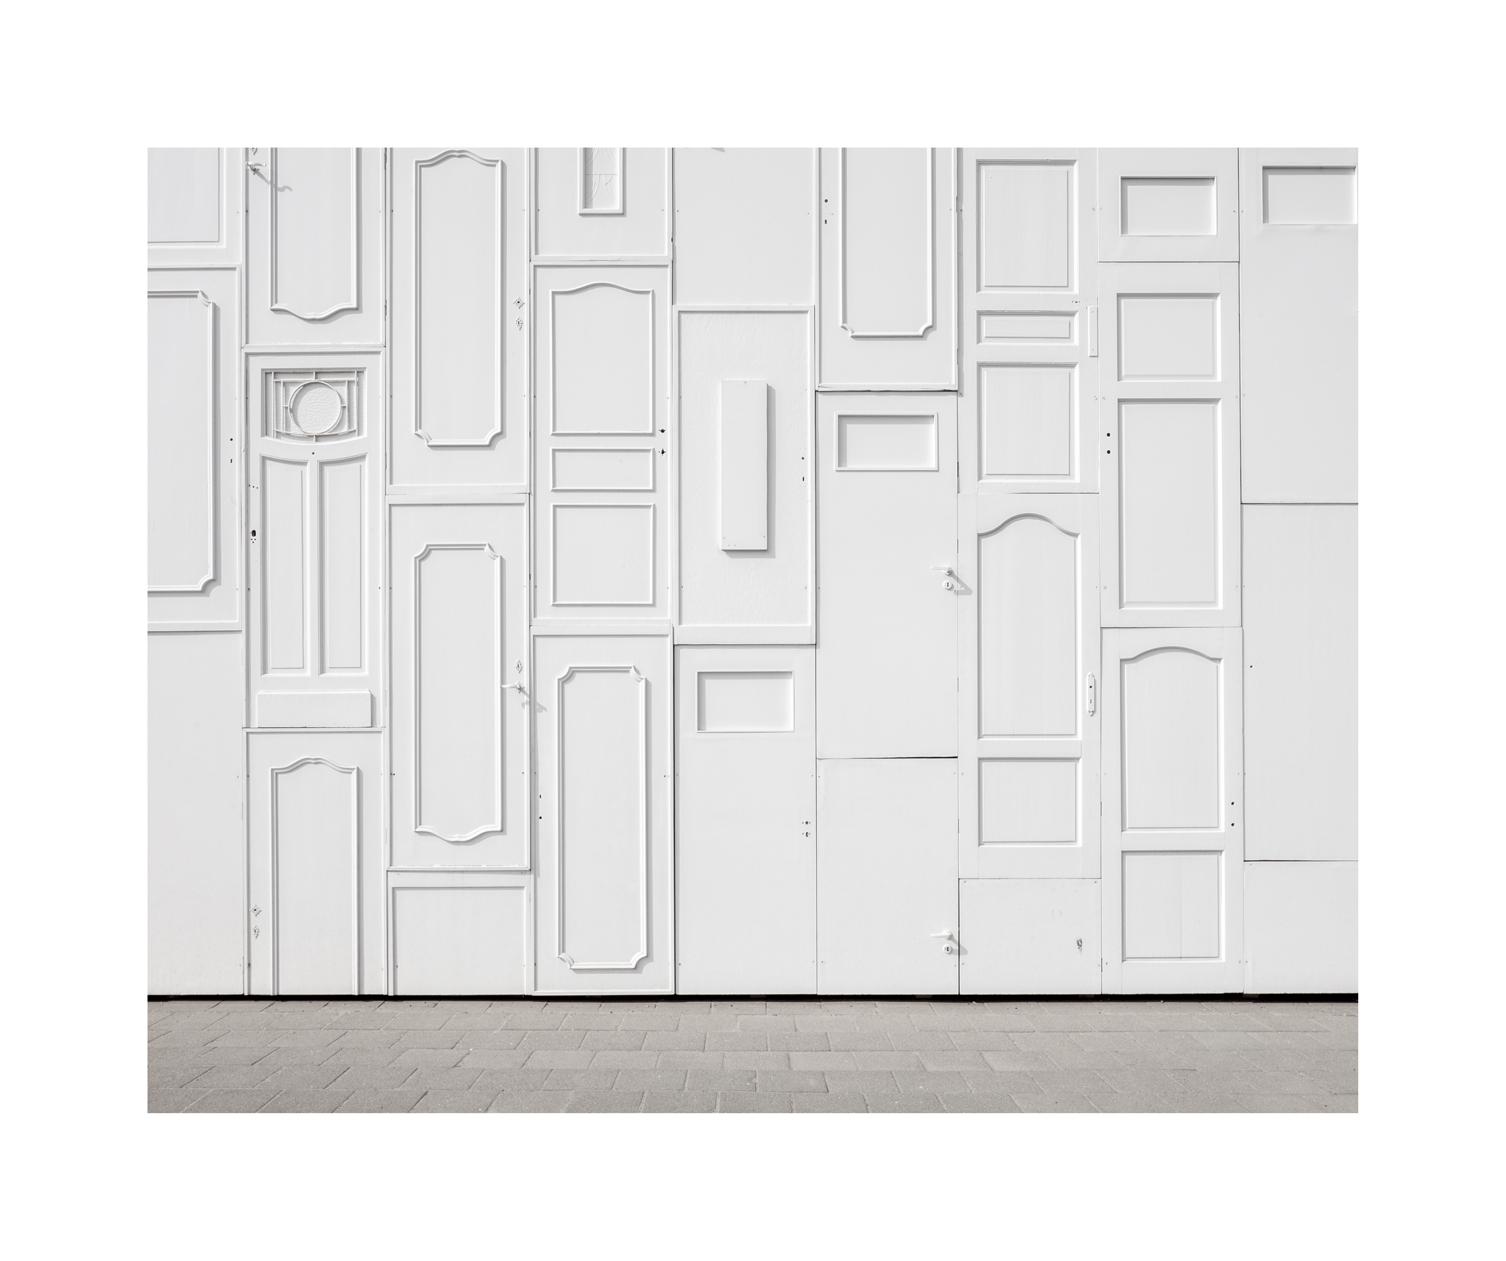 aalst deuren-5849.jpg